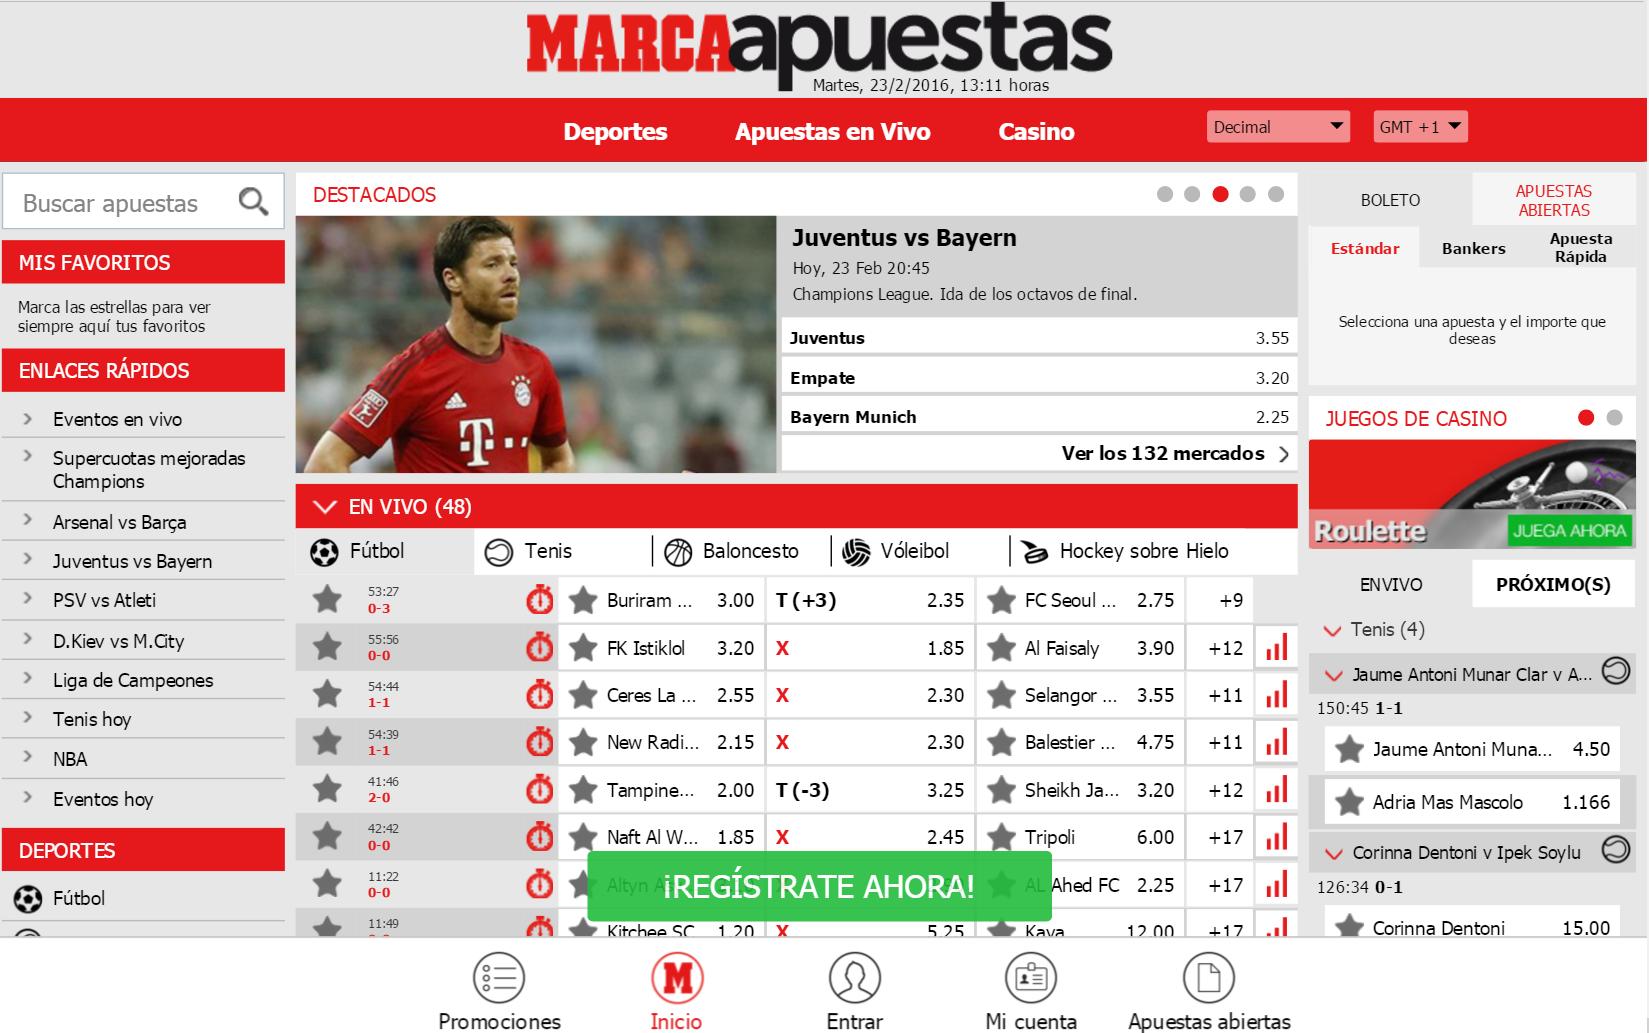 marca_apuestas_homepage.png